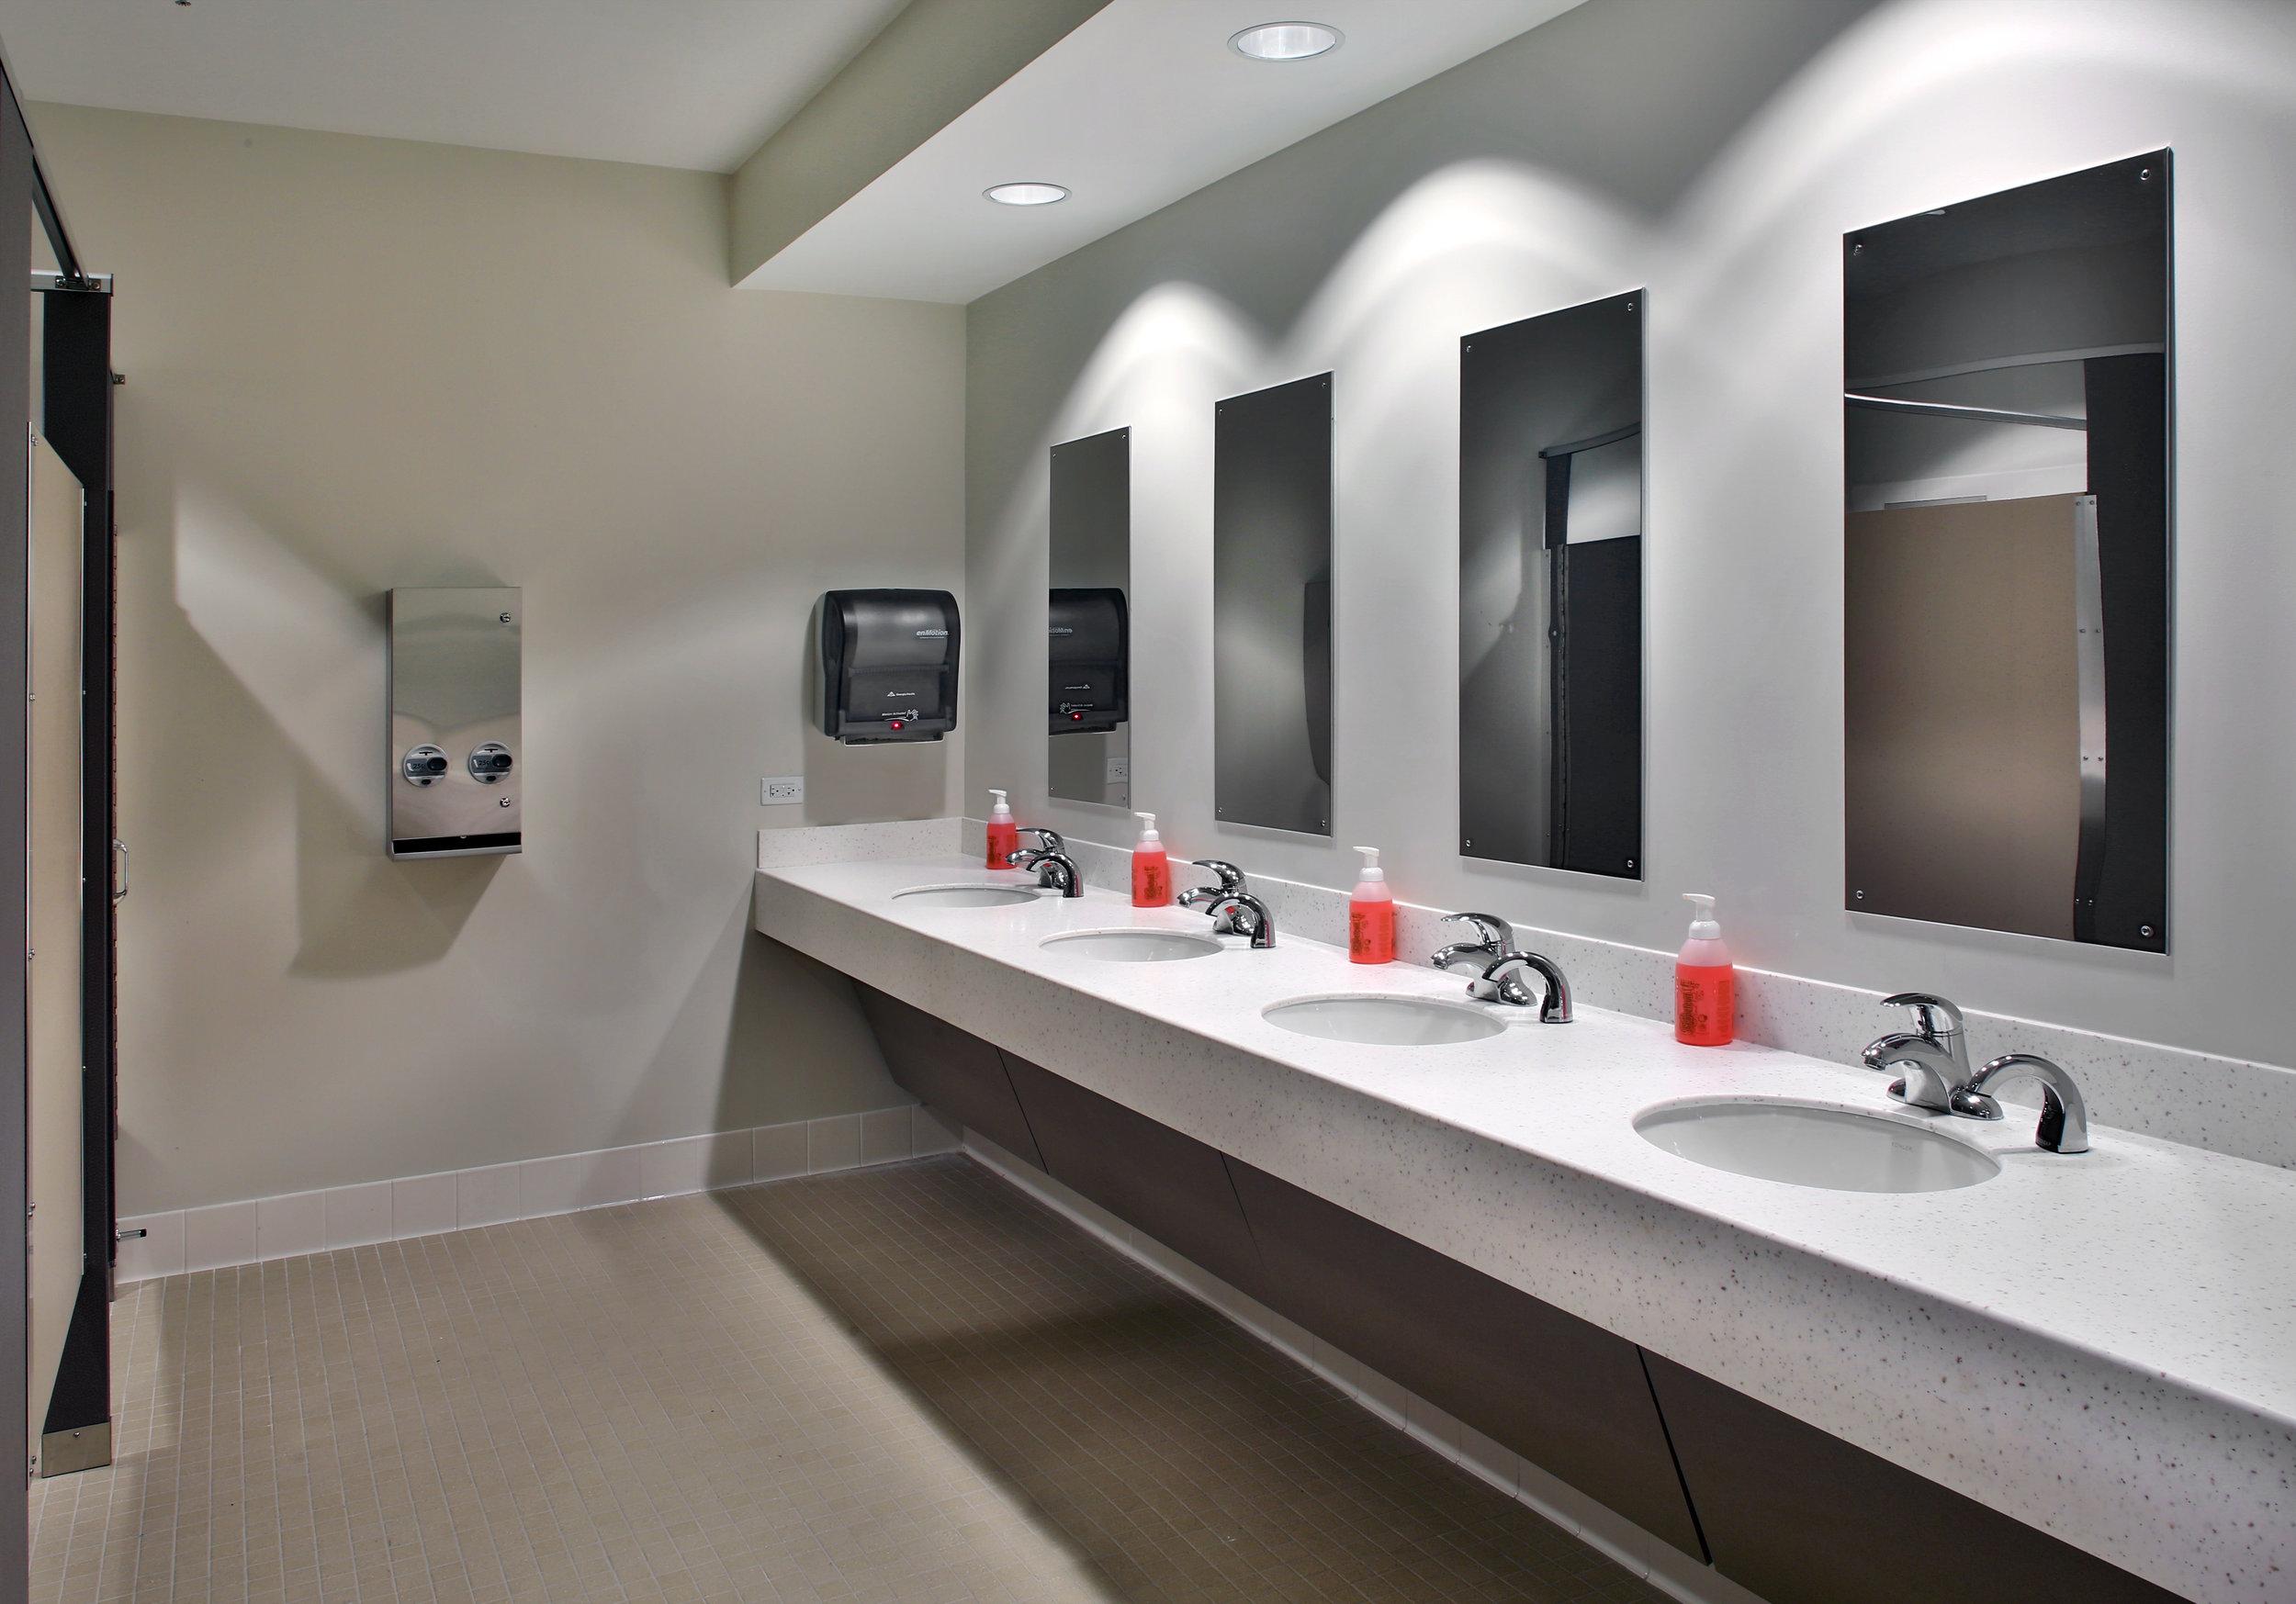 Baptist North YMCA Locker Room-Restrooms.jpg